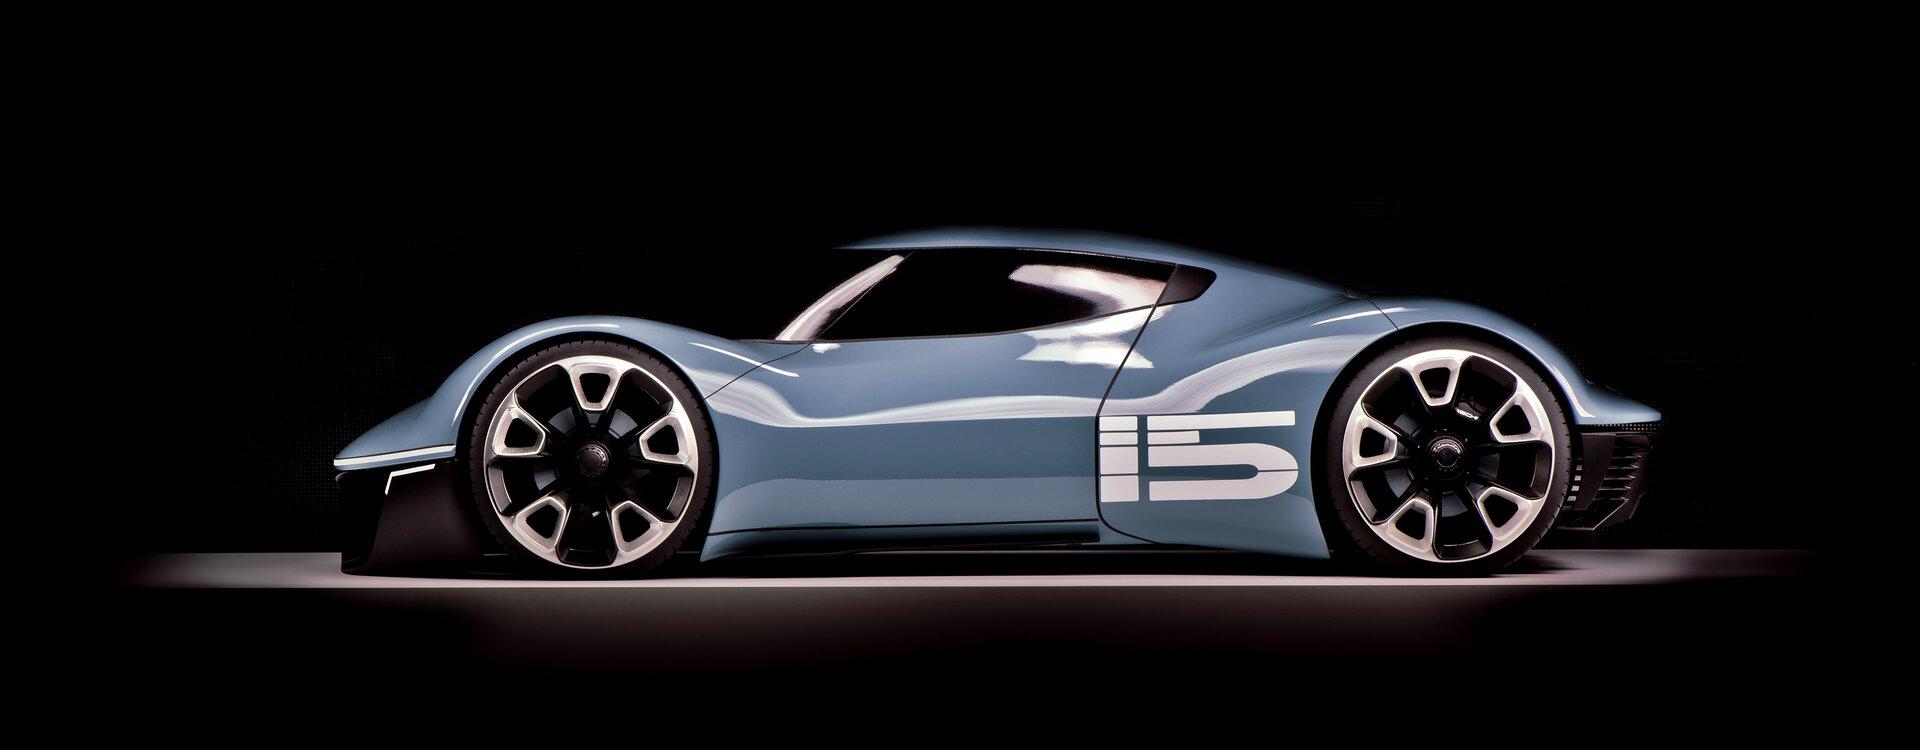 Porsche-Vision-916-1